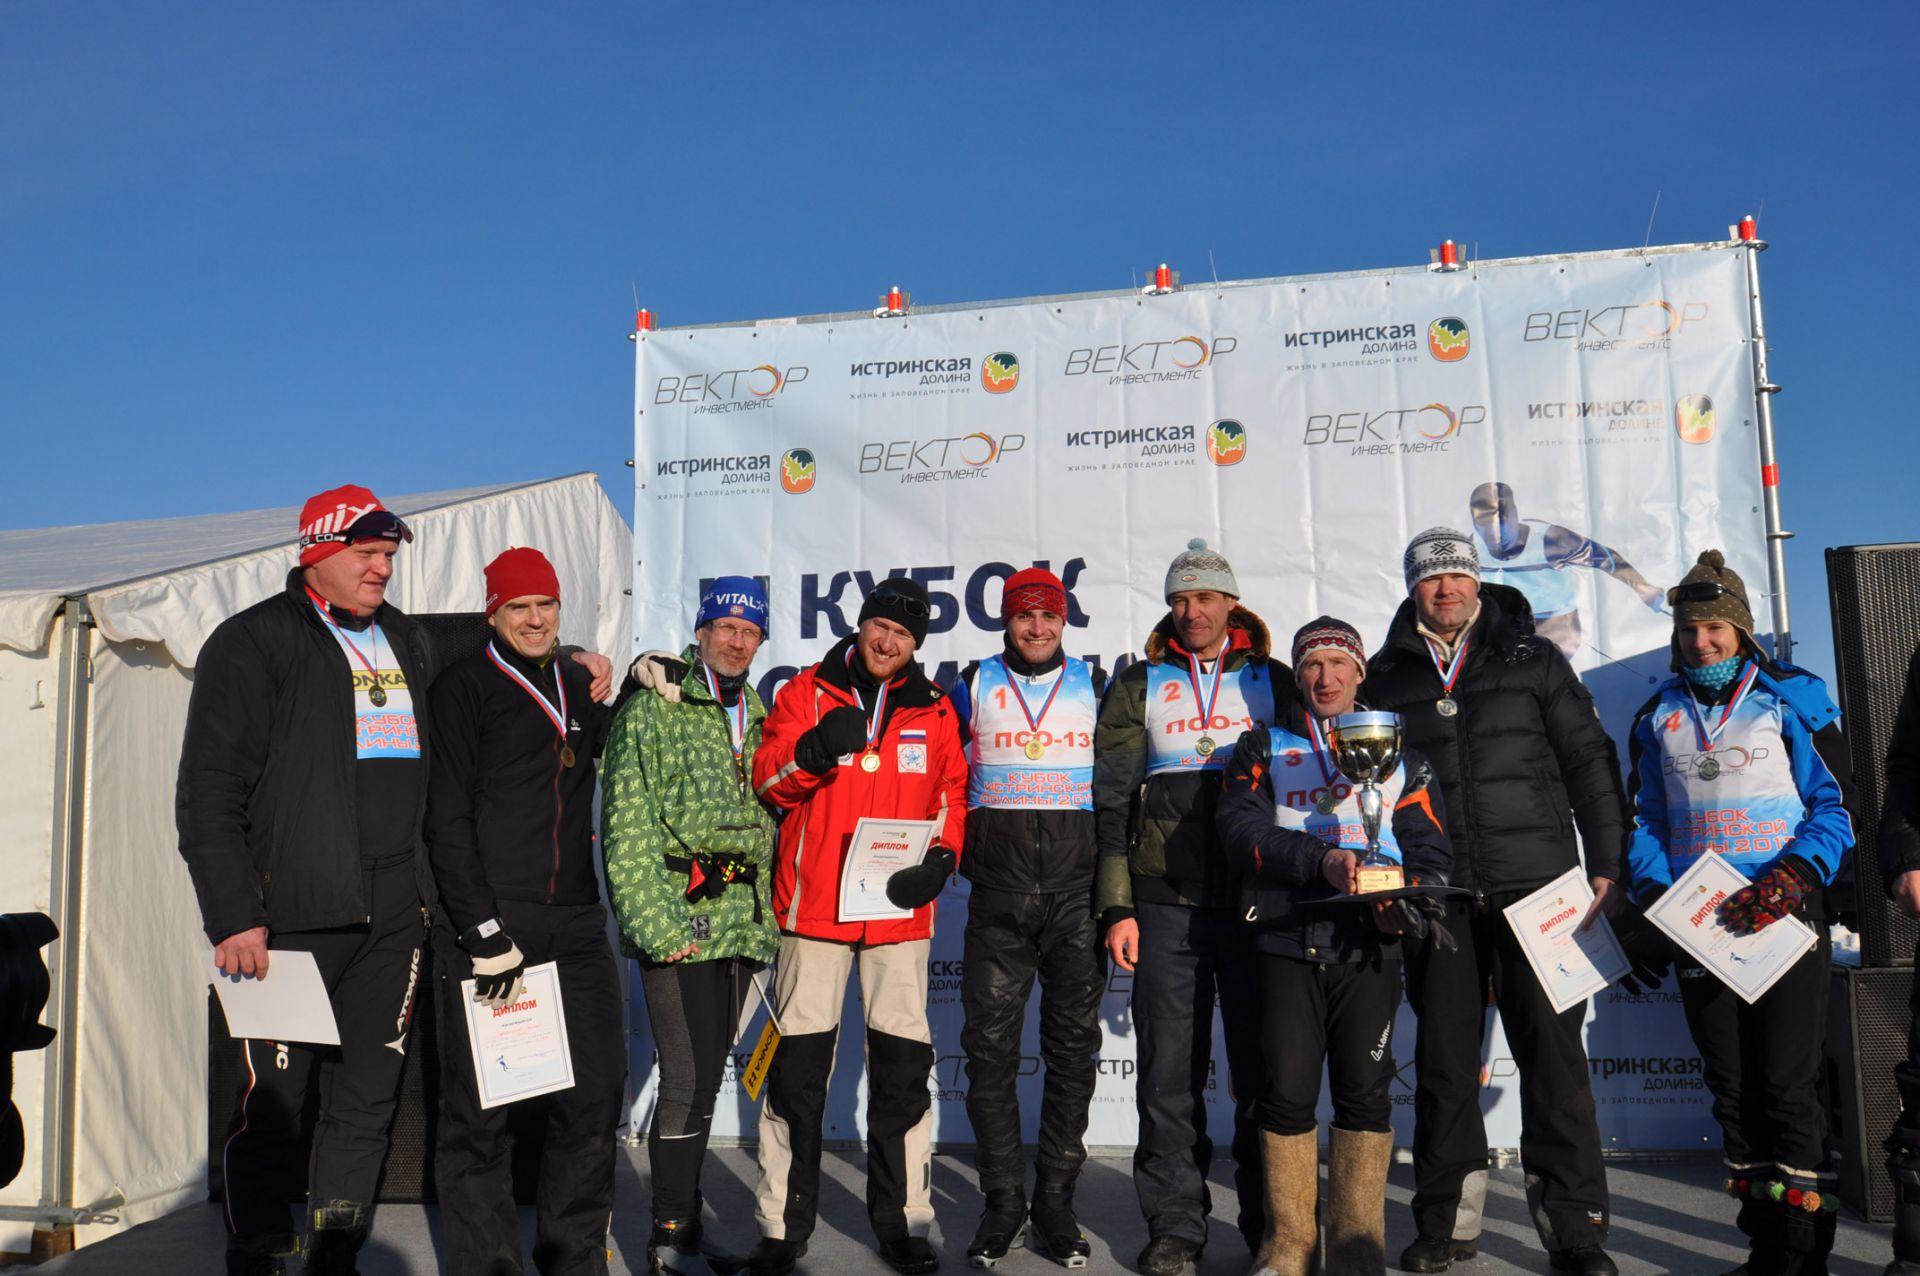 Команда HONKA заняла призовое место в III Кубке Истринской долины по лыжным гонкам